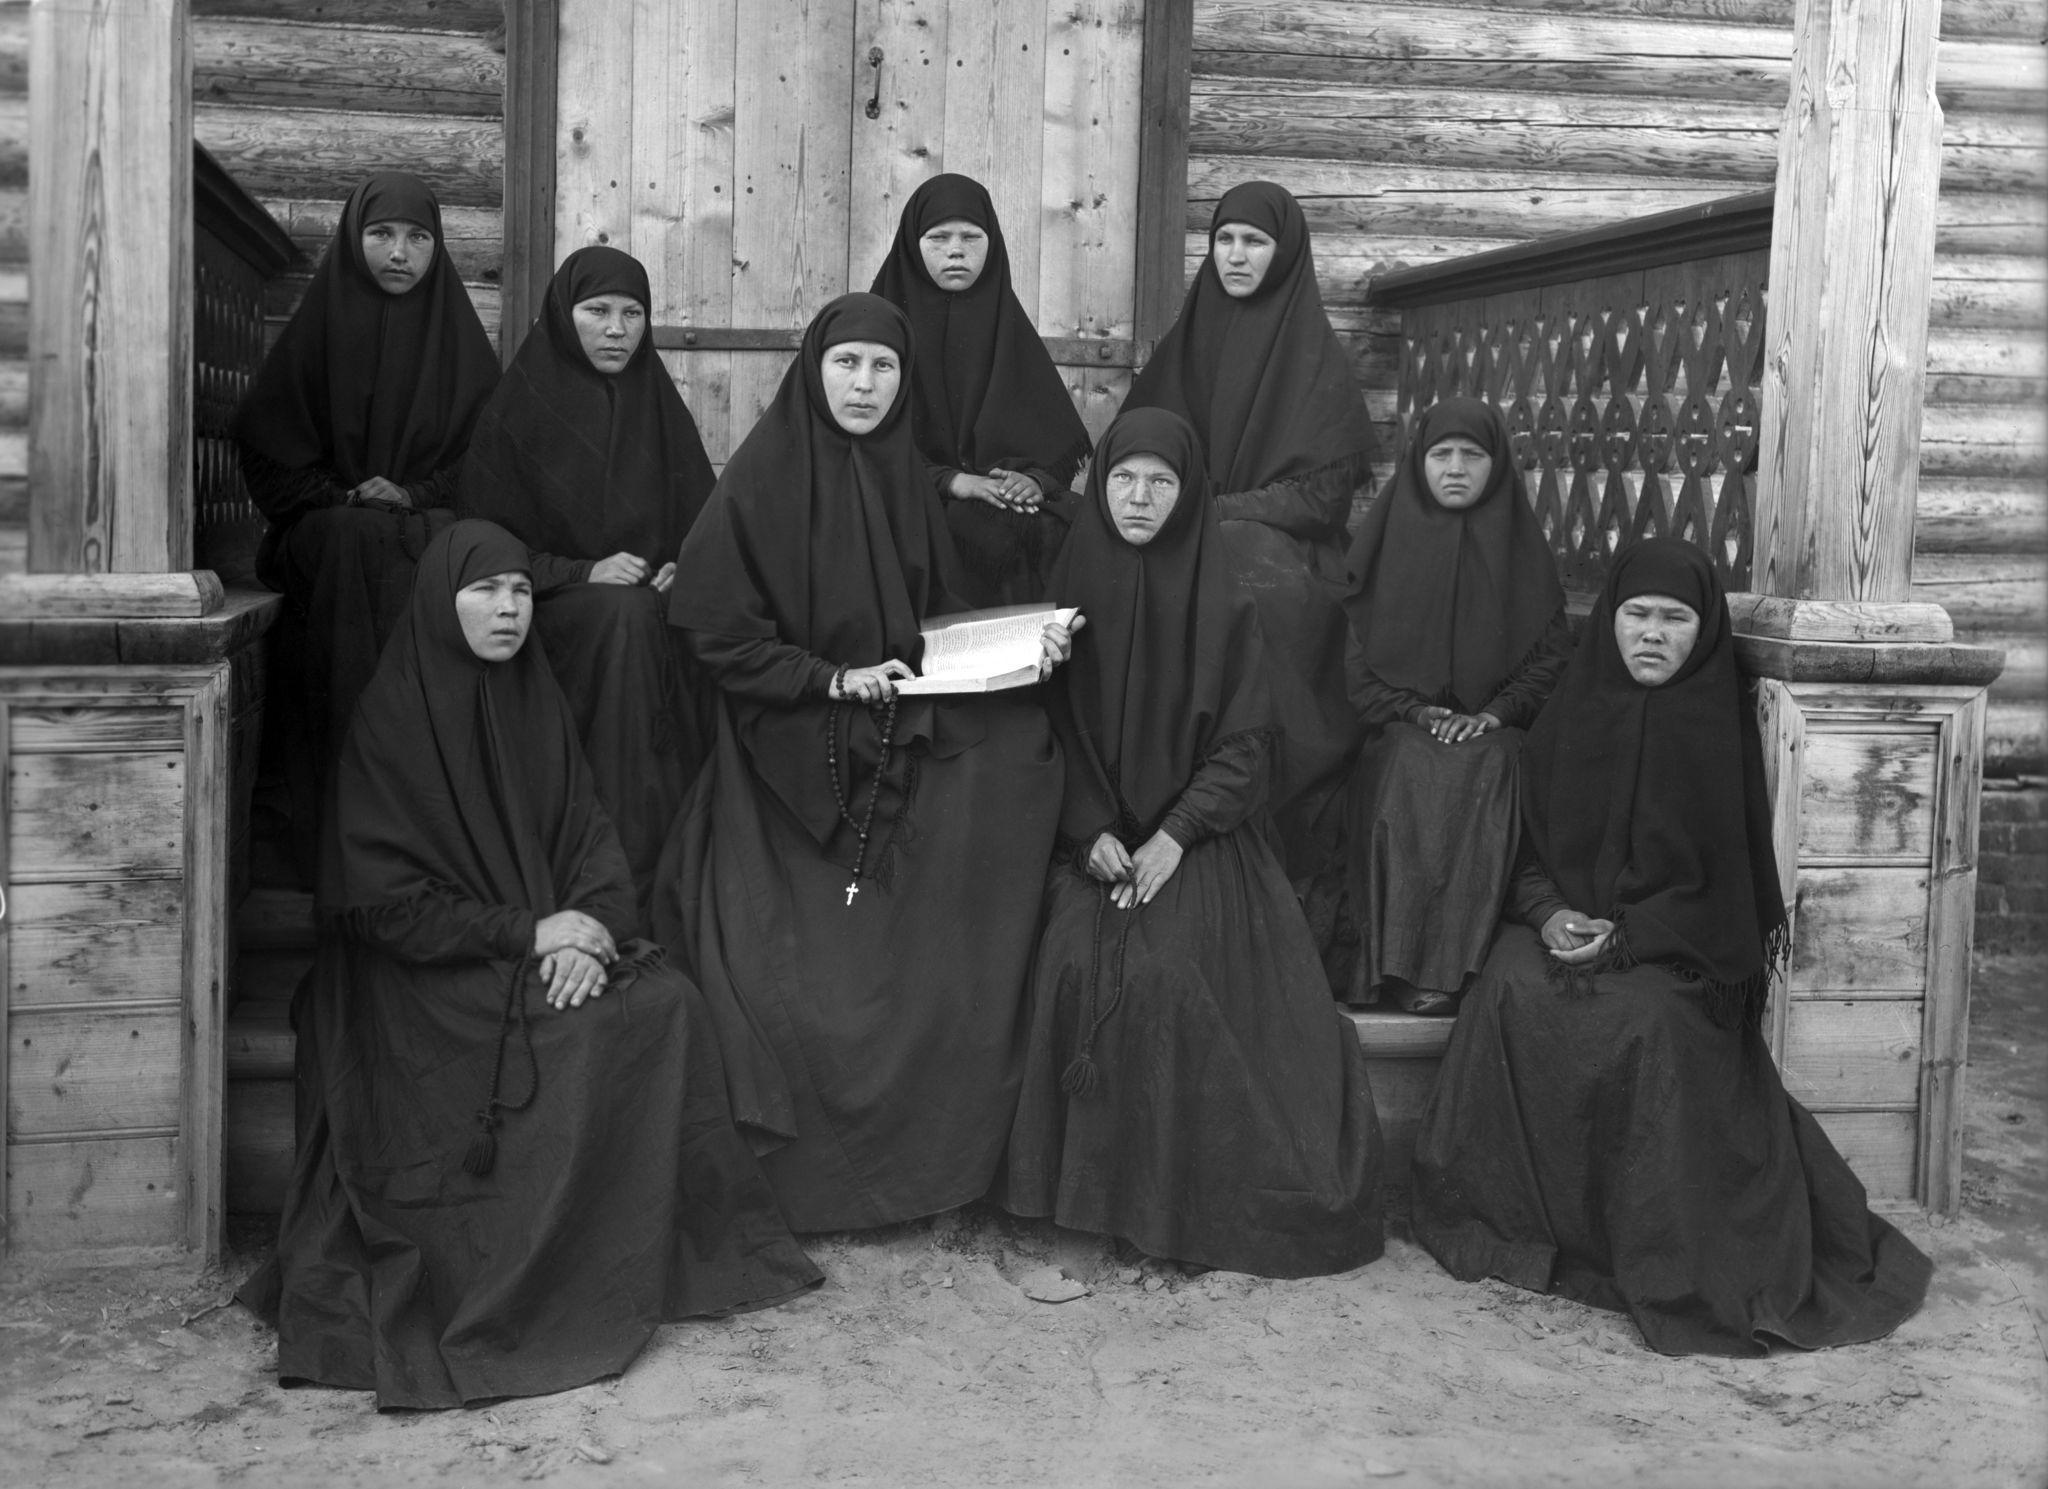 Монахини Свято-Николаевского женского монастыря возле церкви Николая Чудотворца в селе Подлесово, 1904